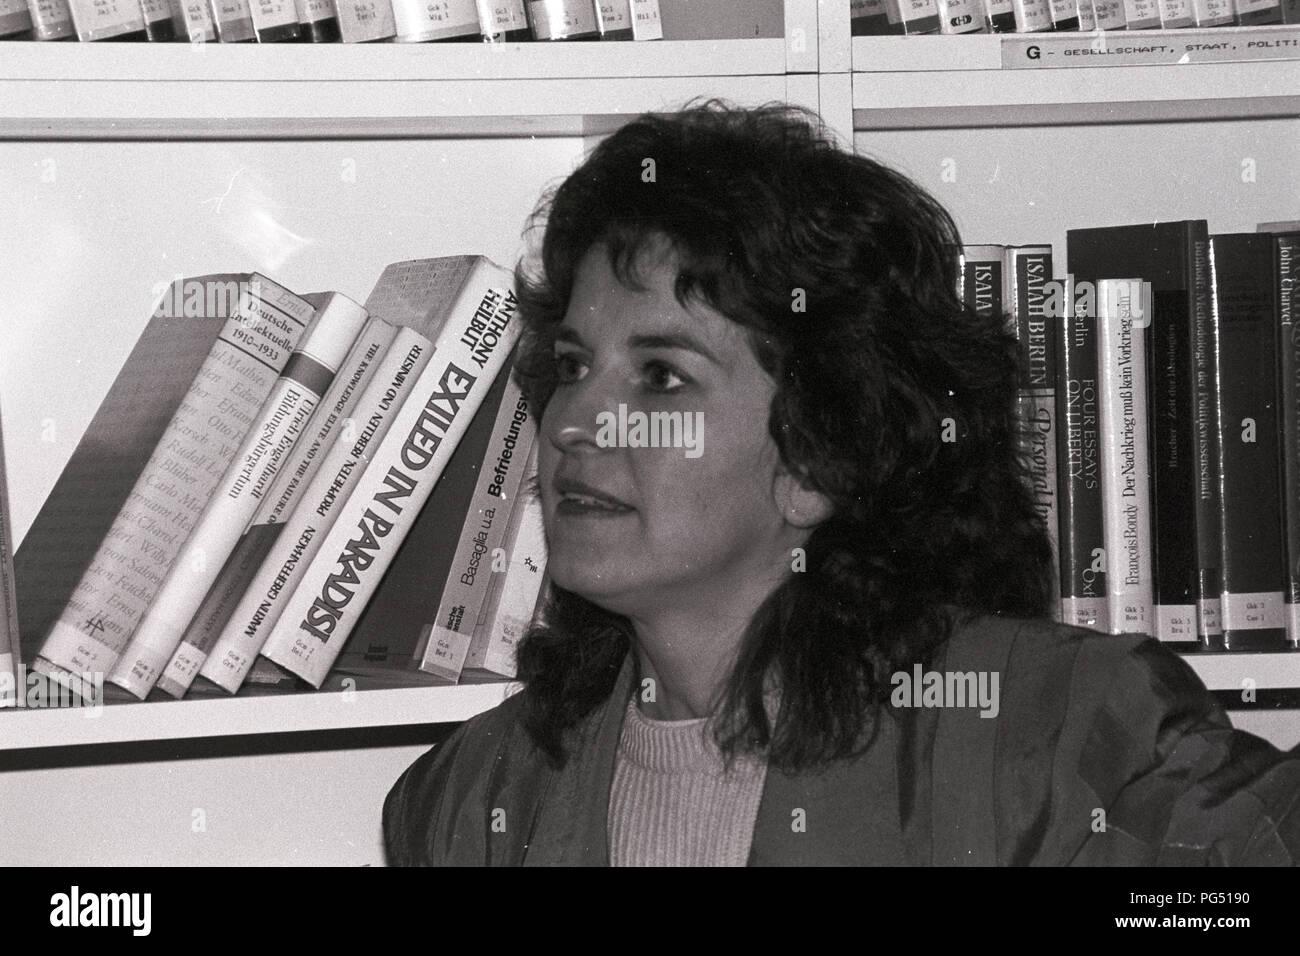 Der Literaturwissenschaftler und Philosoph Cornelia Klinger auf einer Sitzung des IWM (Institut für die Wissenschaften vom Menschen in Wien. Klinger führte die Iwm von 2013 bis 2015. Stockfoto